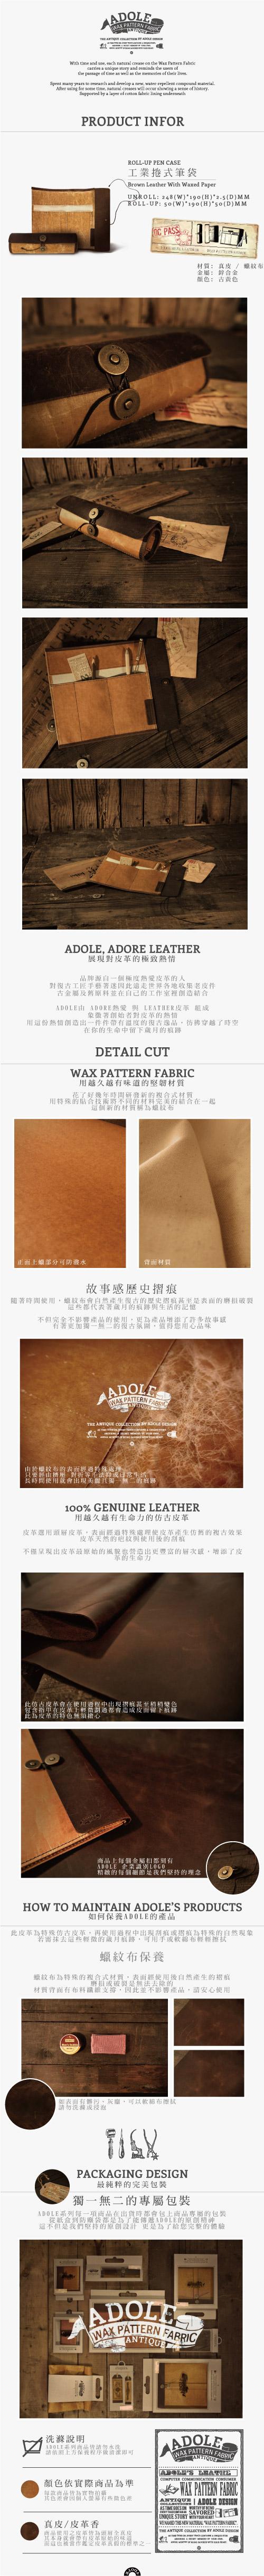 ADOLE 蠟紋布仿古皮革 工業捲式筆袋